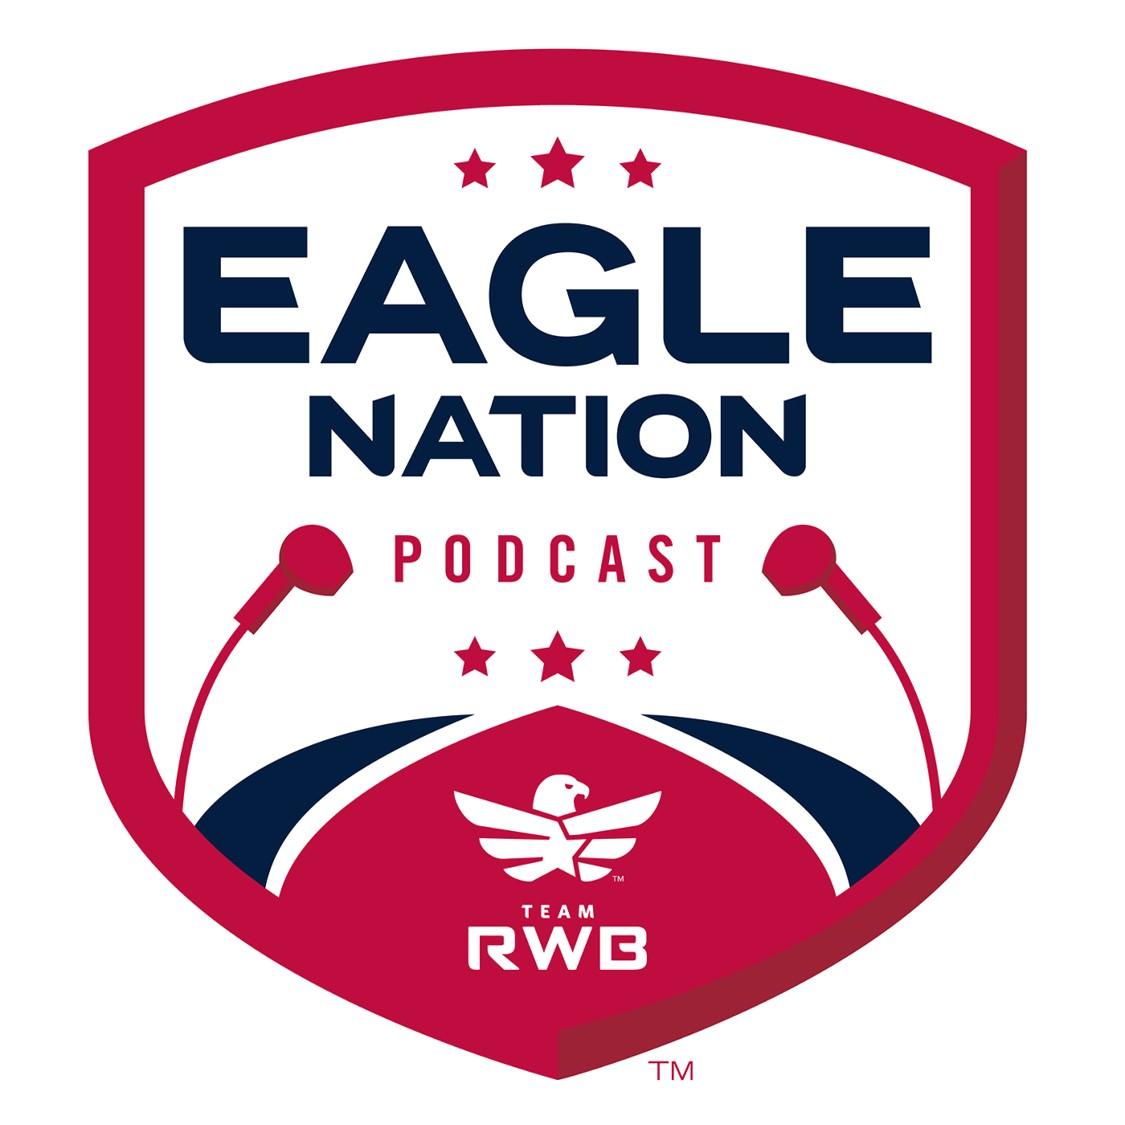 Eagle Nation Podcast PNG.jpg